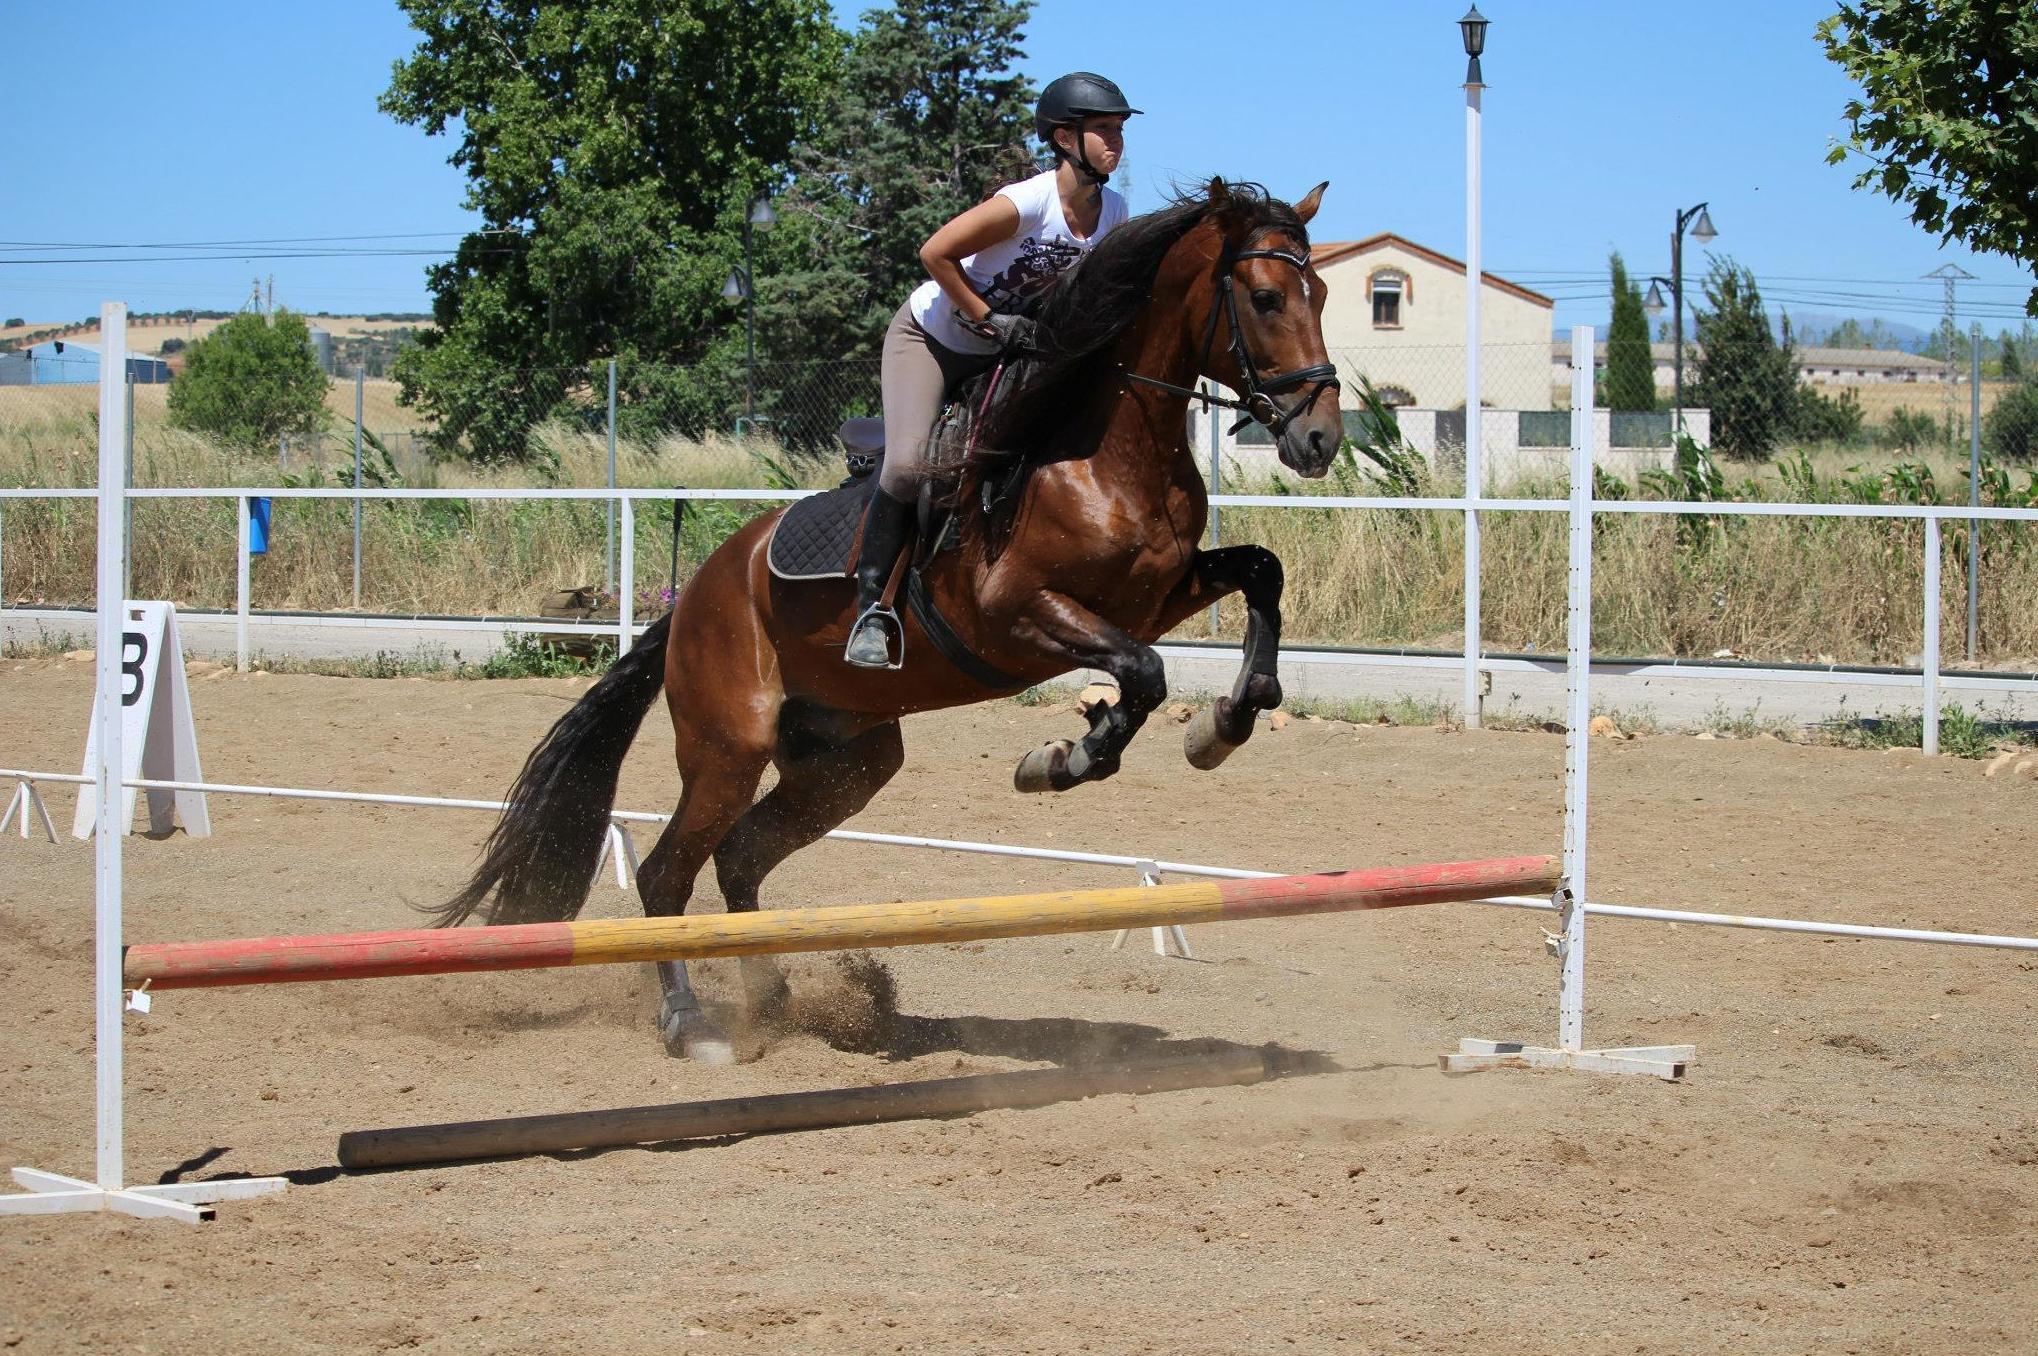 Clases de salto con caballo en Yunquera de Henares, Guadalajara